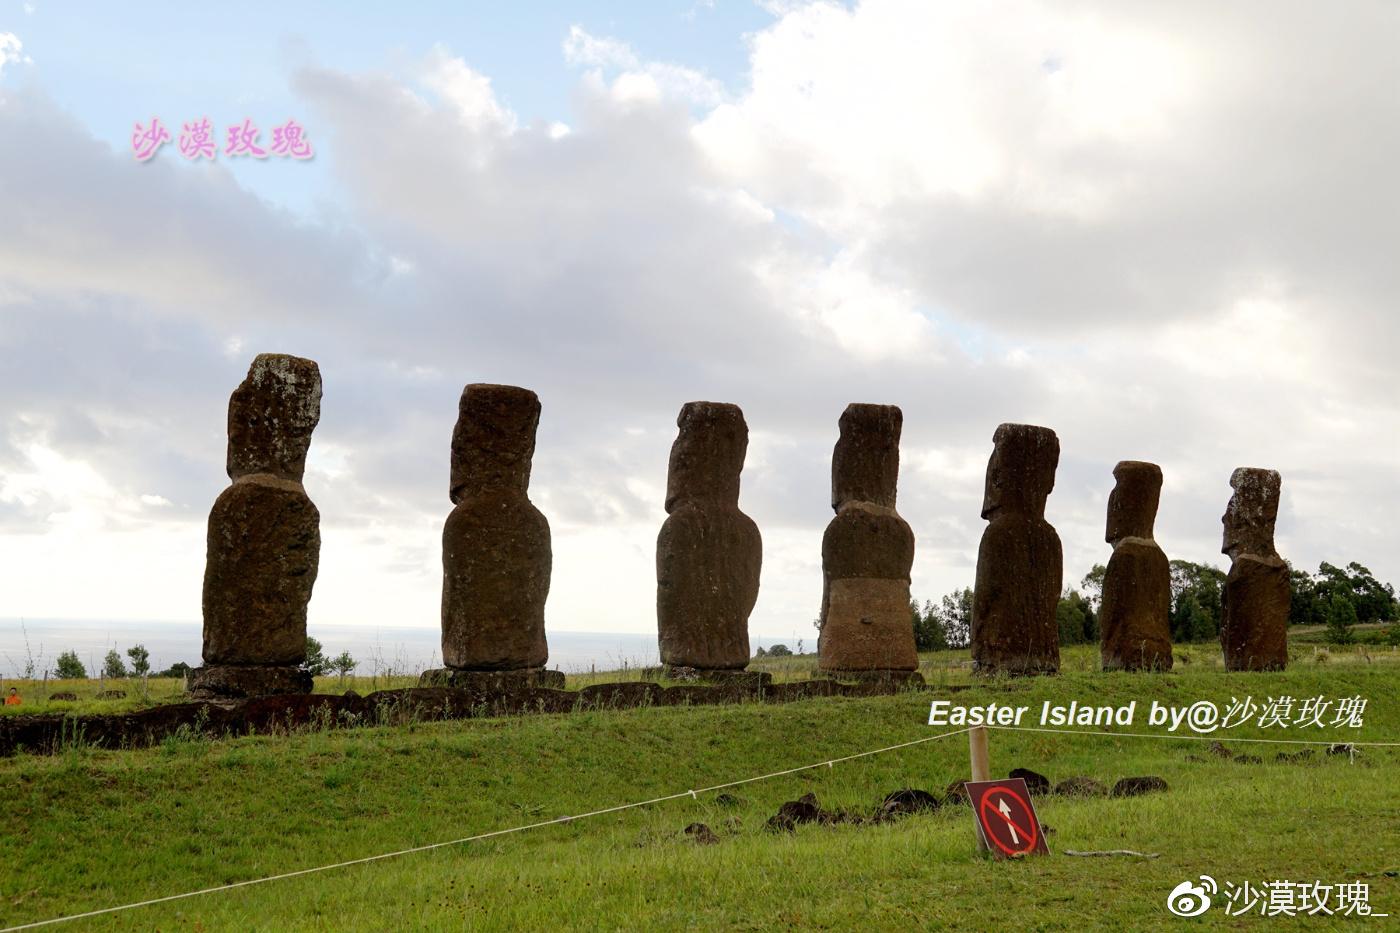 复活节岛上的石像都是面向陆地,为何这7座面朝大海